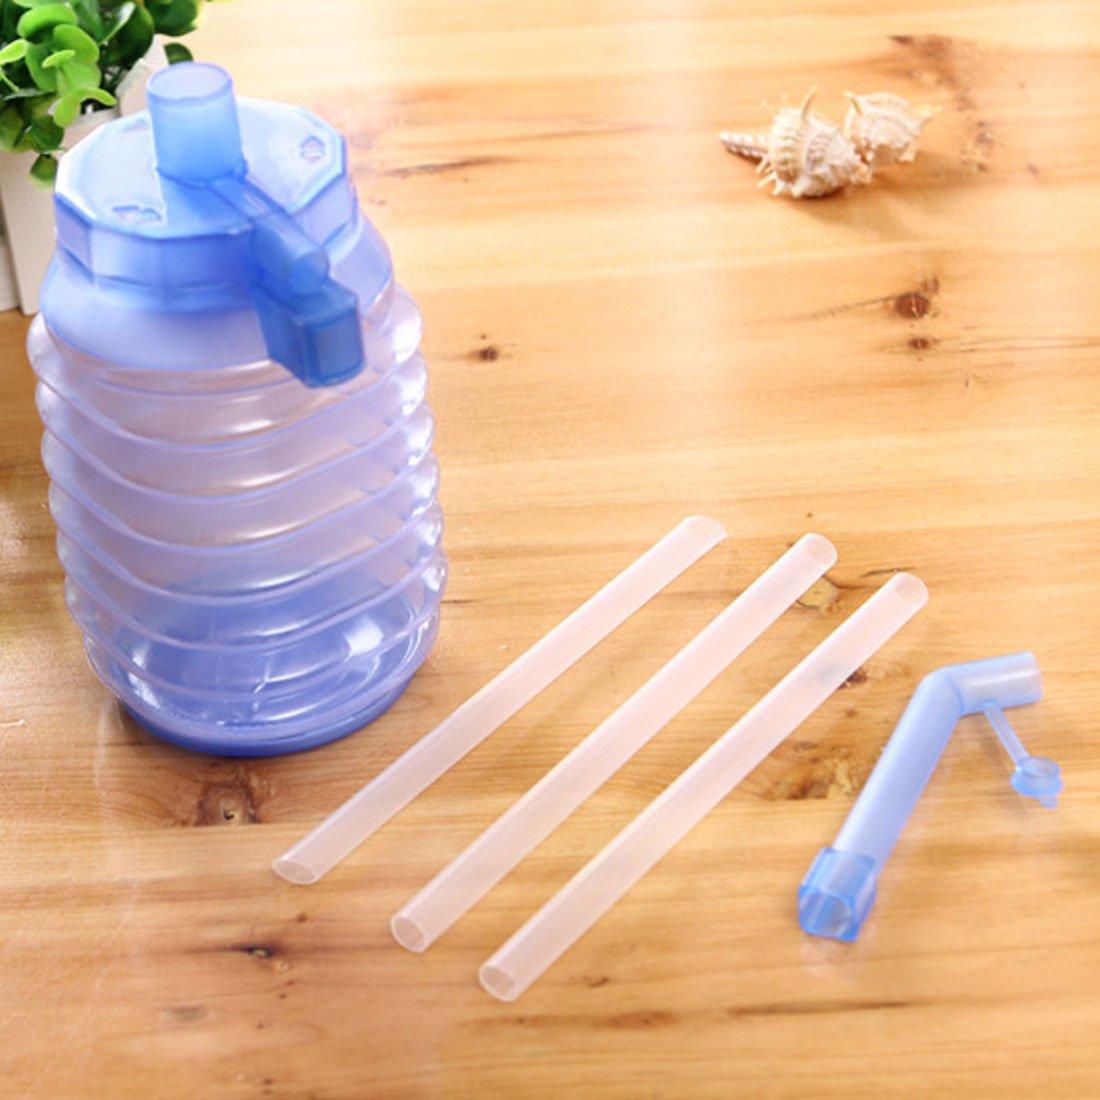 Manual pr/áctico de agua potable embotellada Mano Prensa dispensador de bomba azul